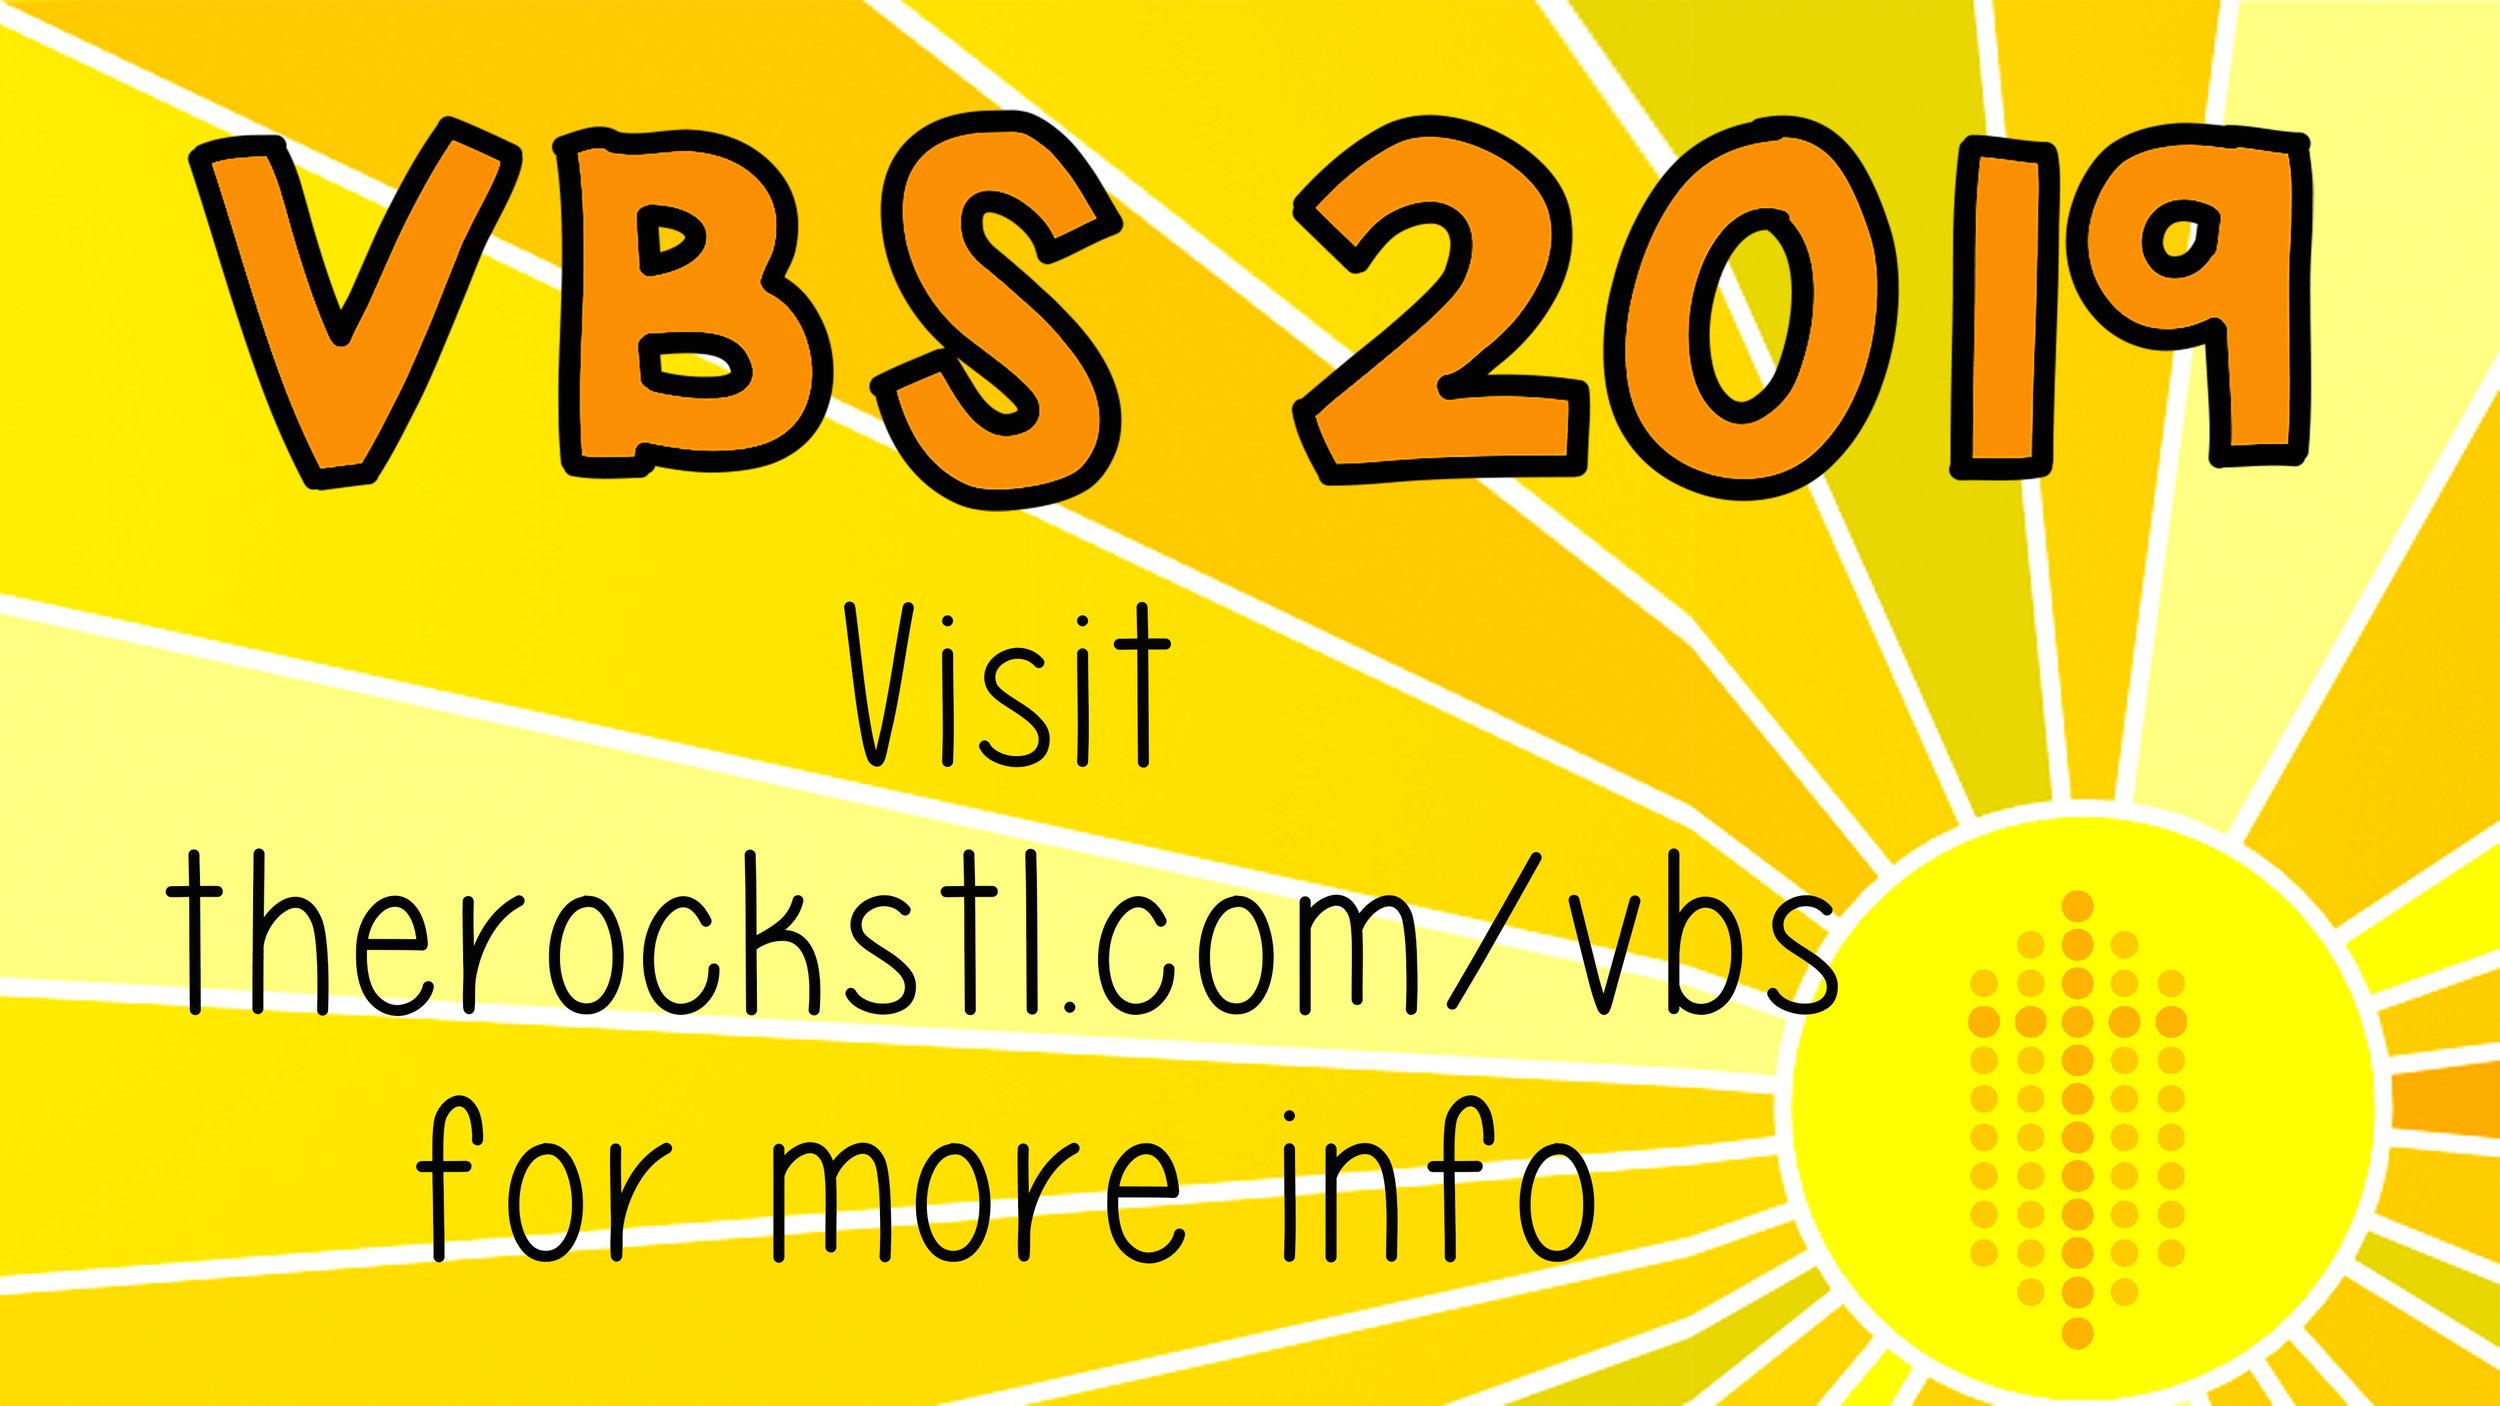 vbs 2019 generic3.jpg